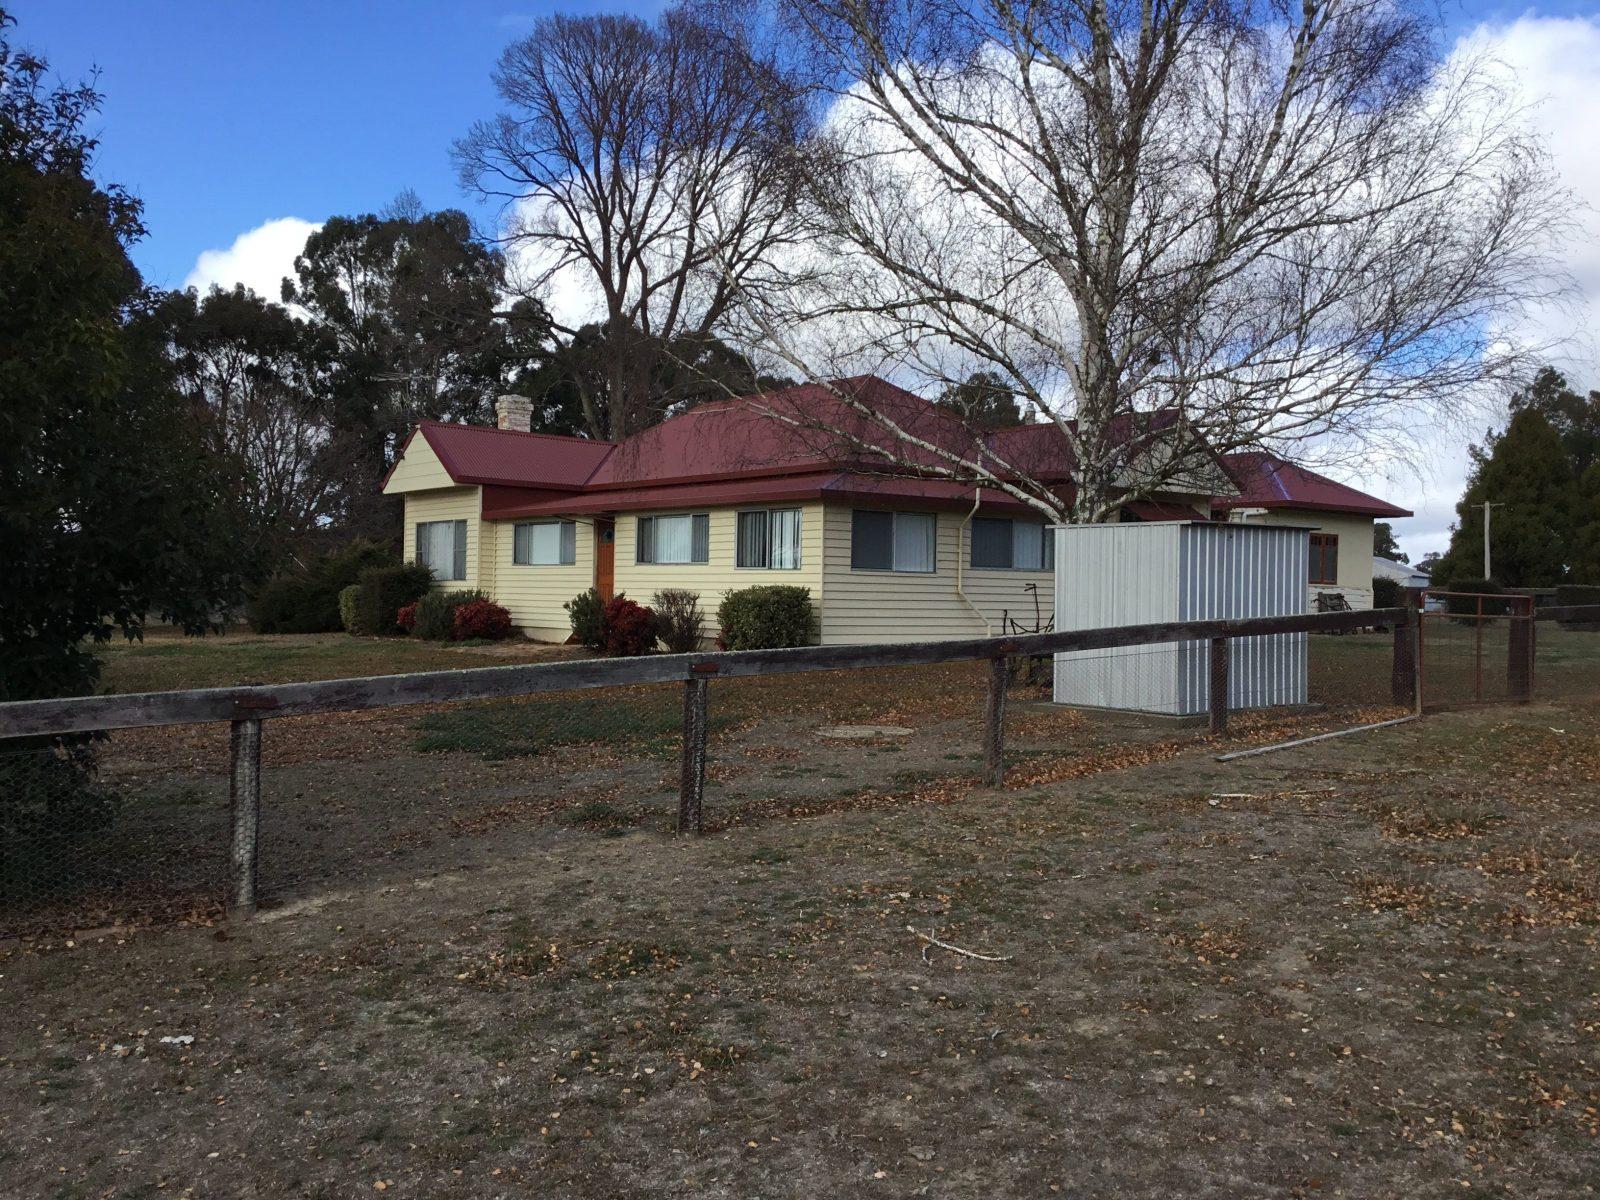 Venterfair Rural Retreat - House